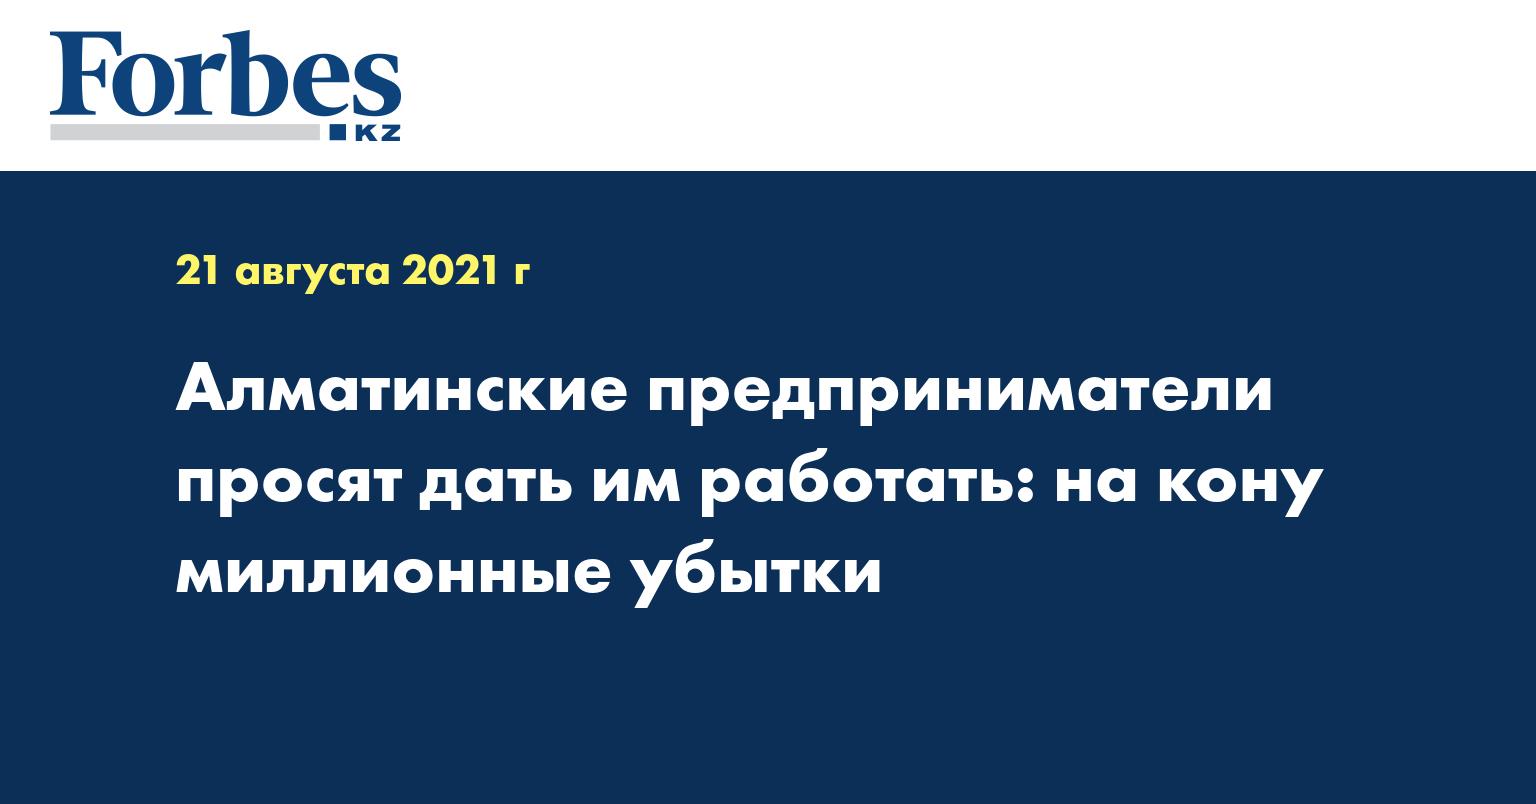 Алматинские предприниматели просят дать им работать: на кону миллионные убытки